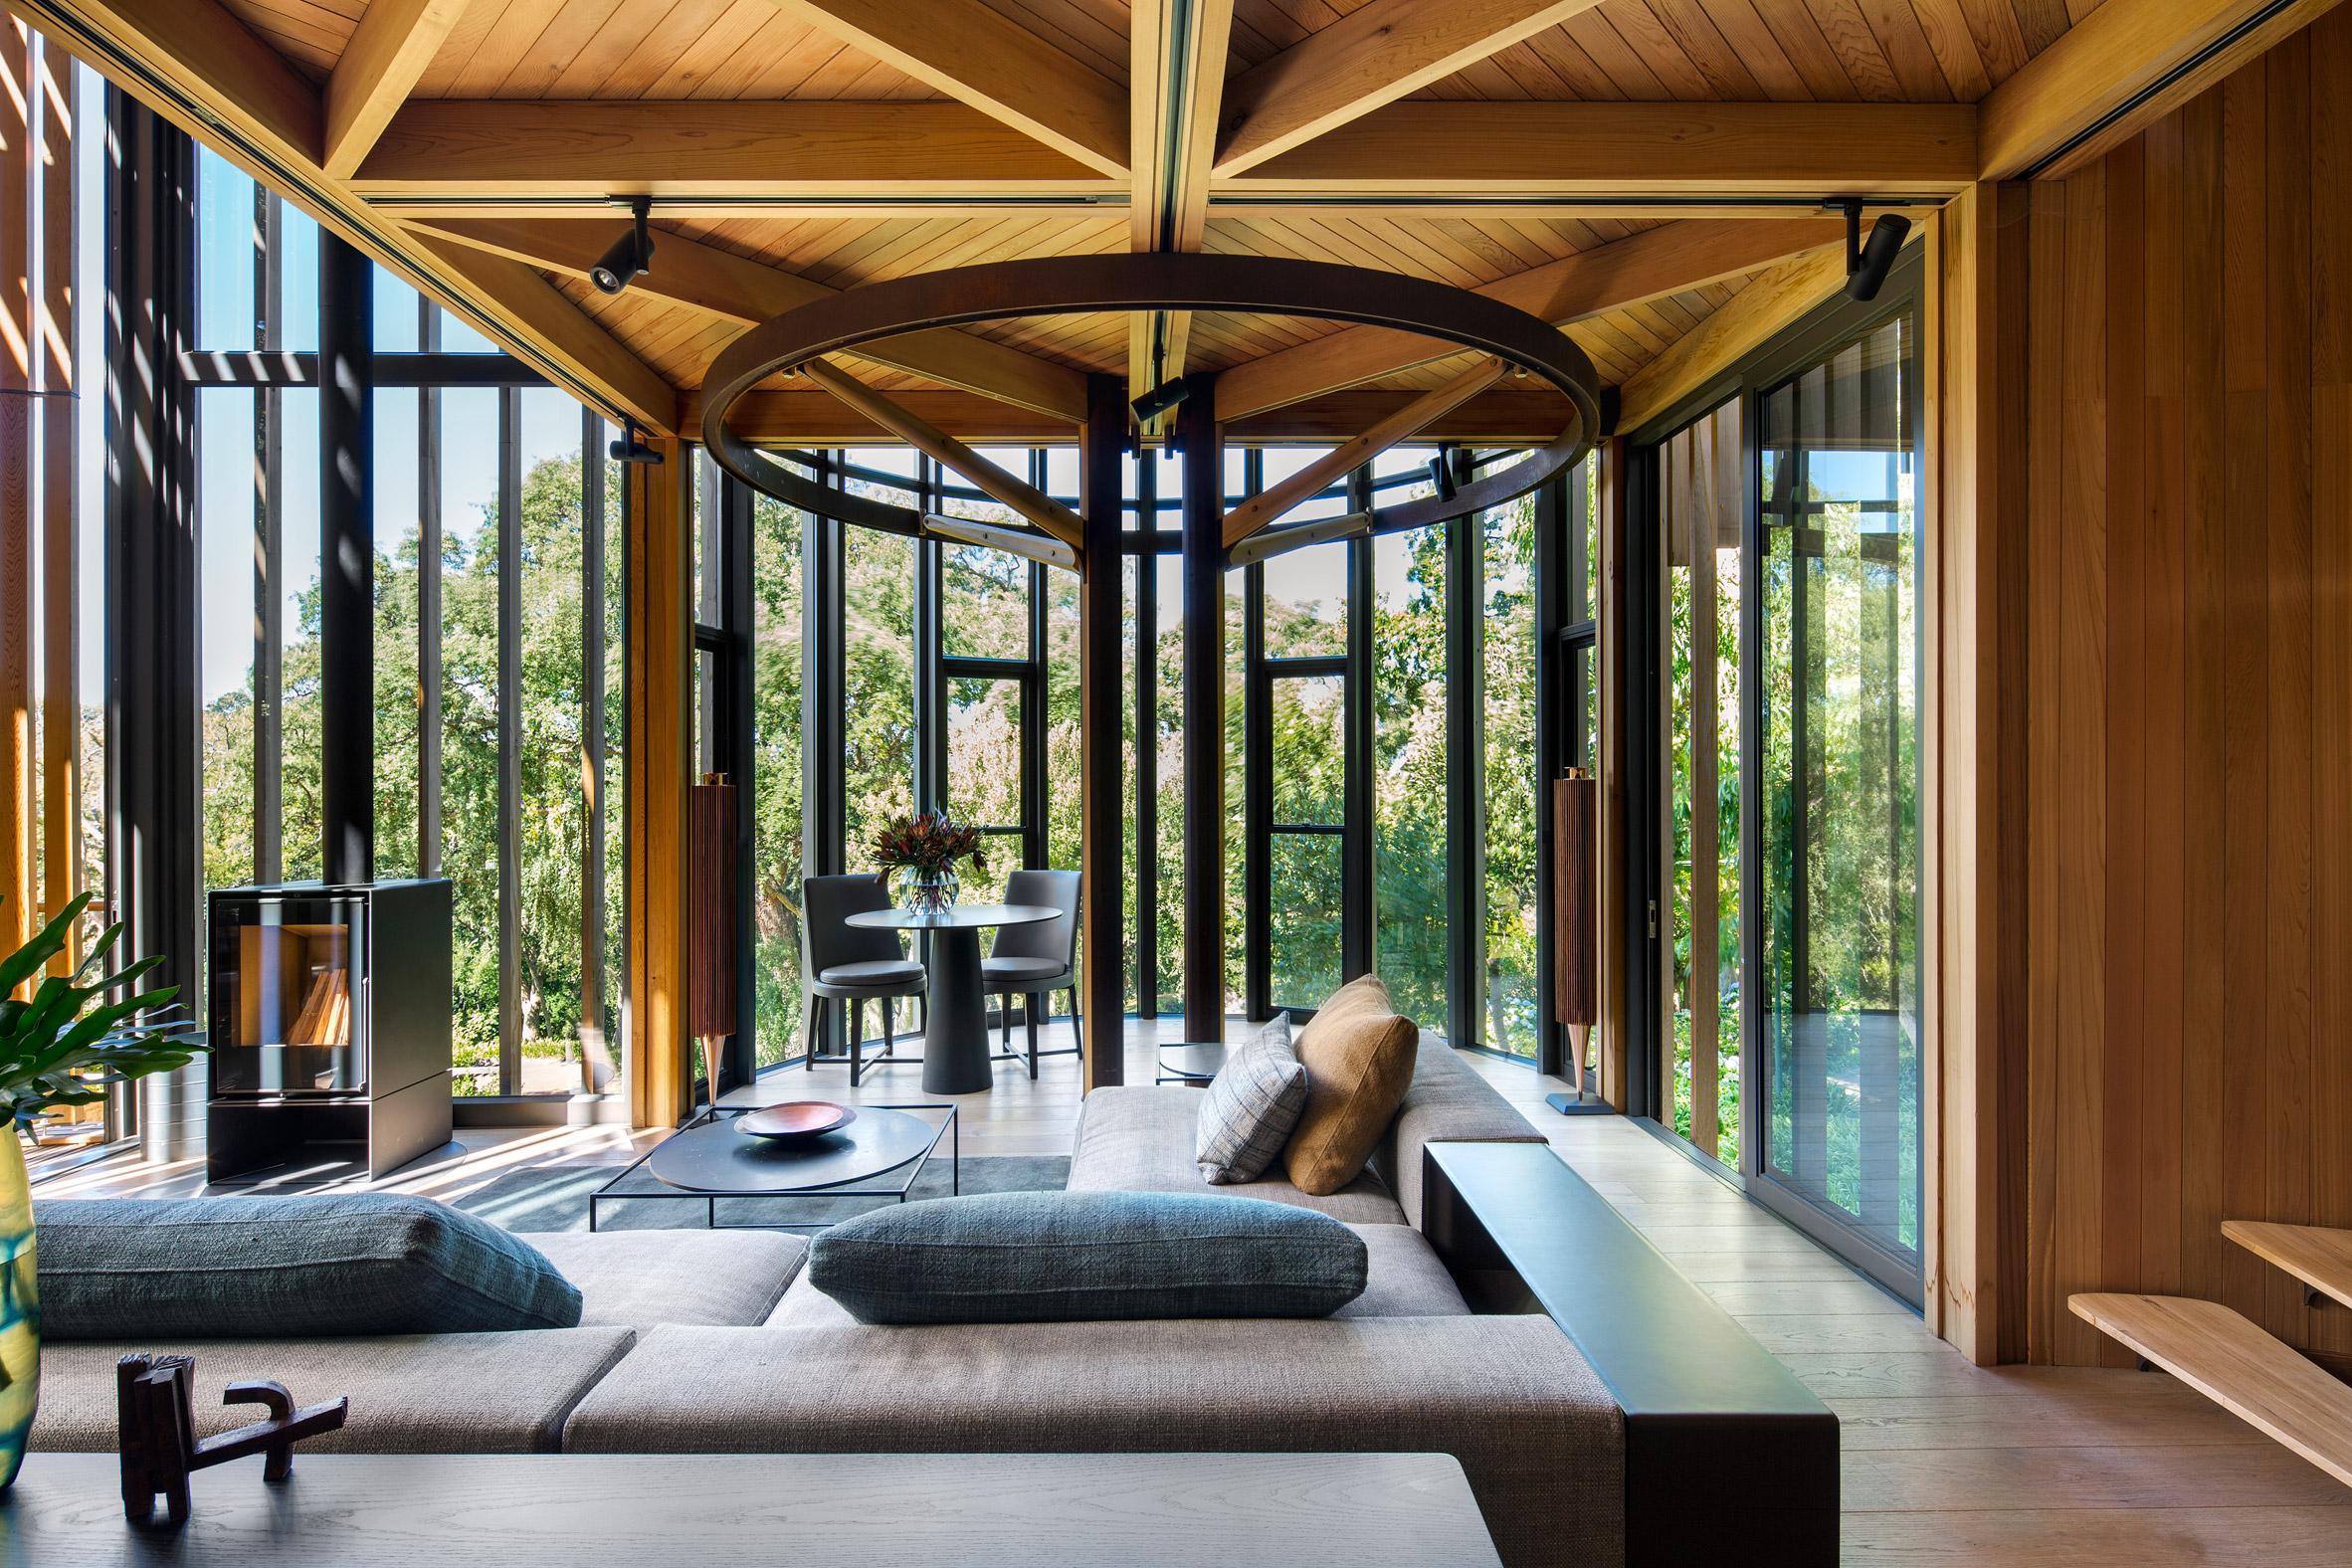 Casas de ensue o una incre ble villa con forma de rbol - Casas de ensueno interiores ...